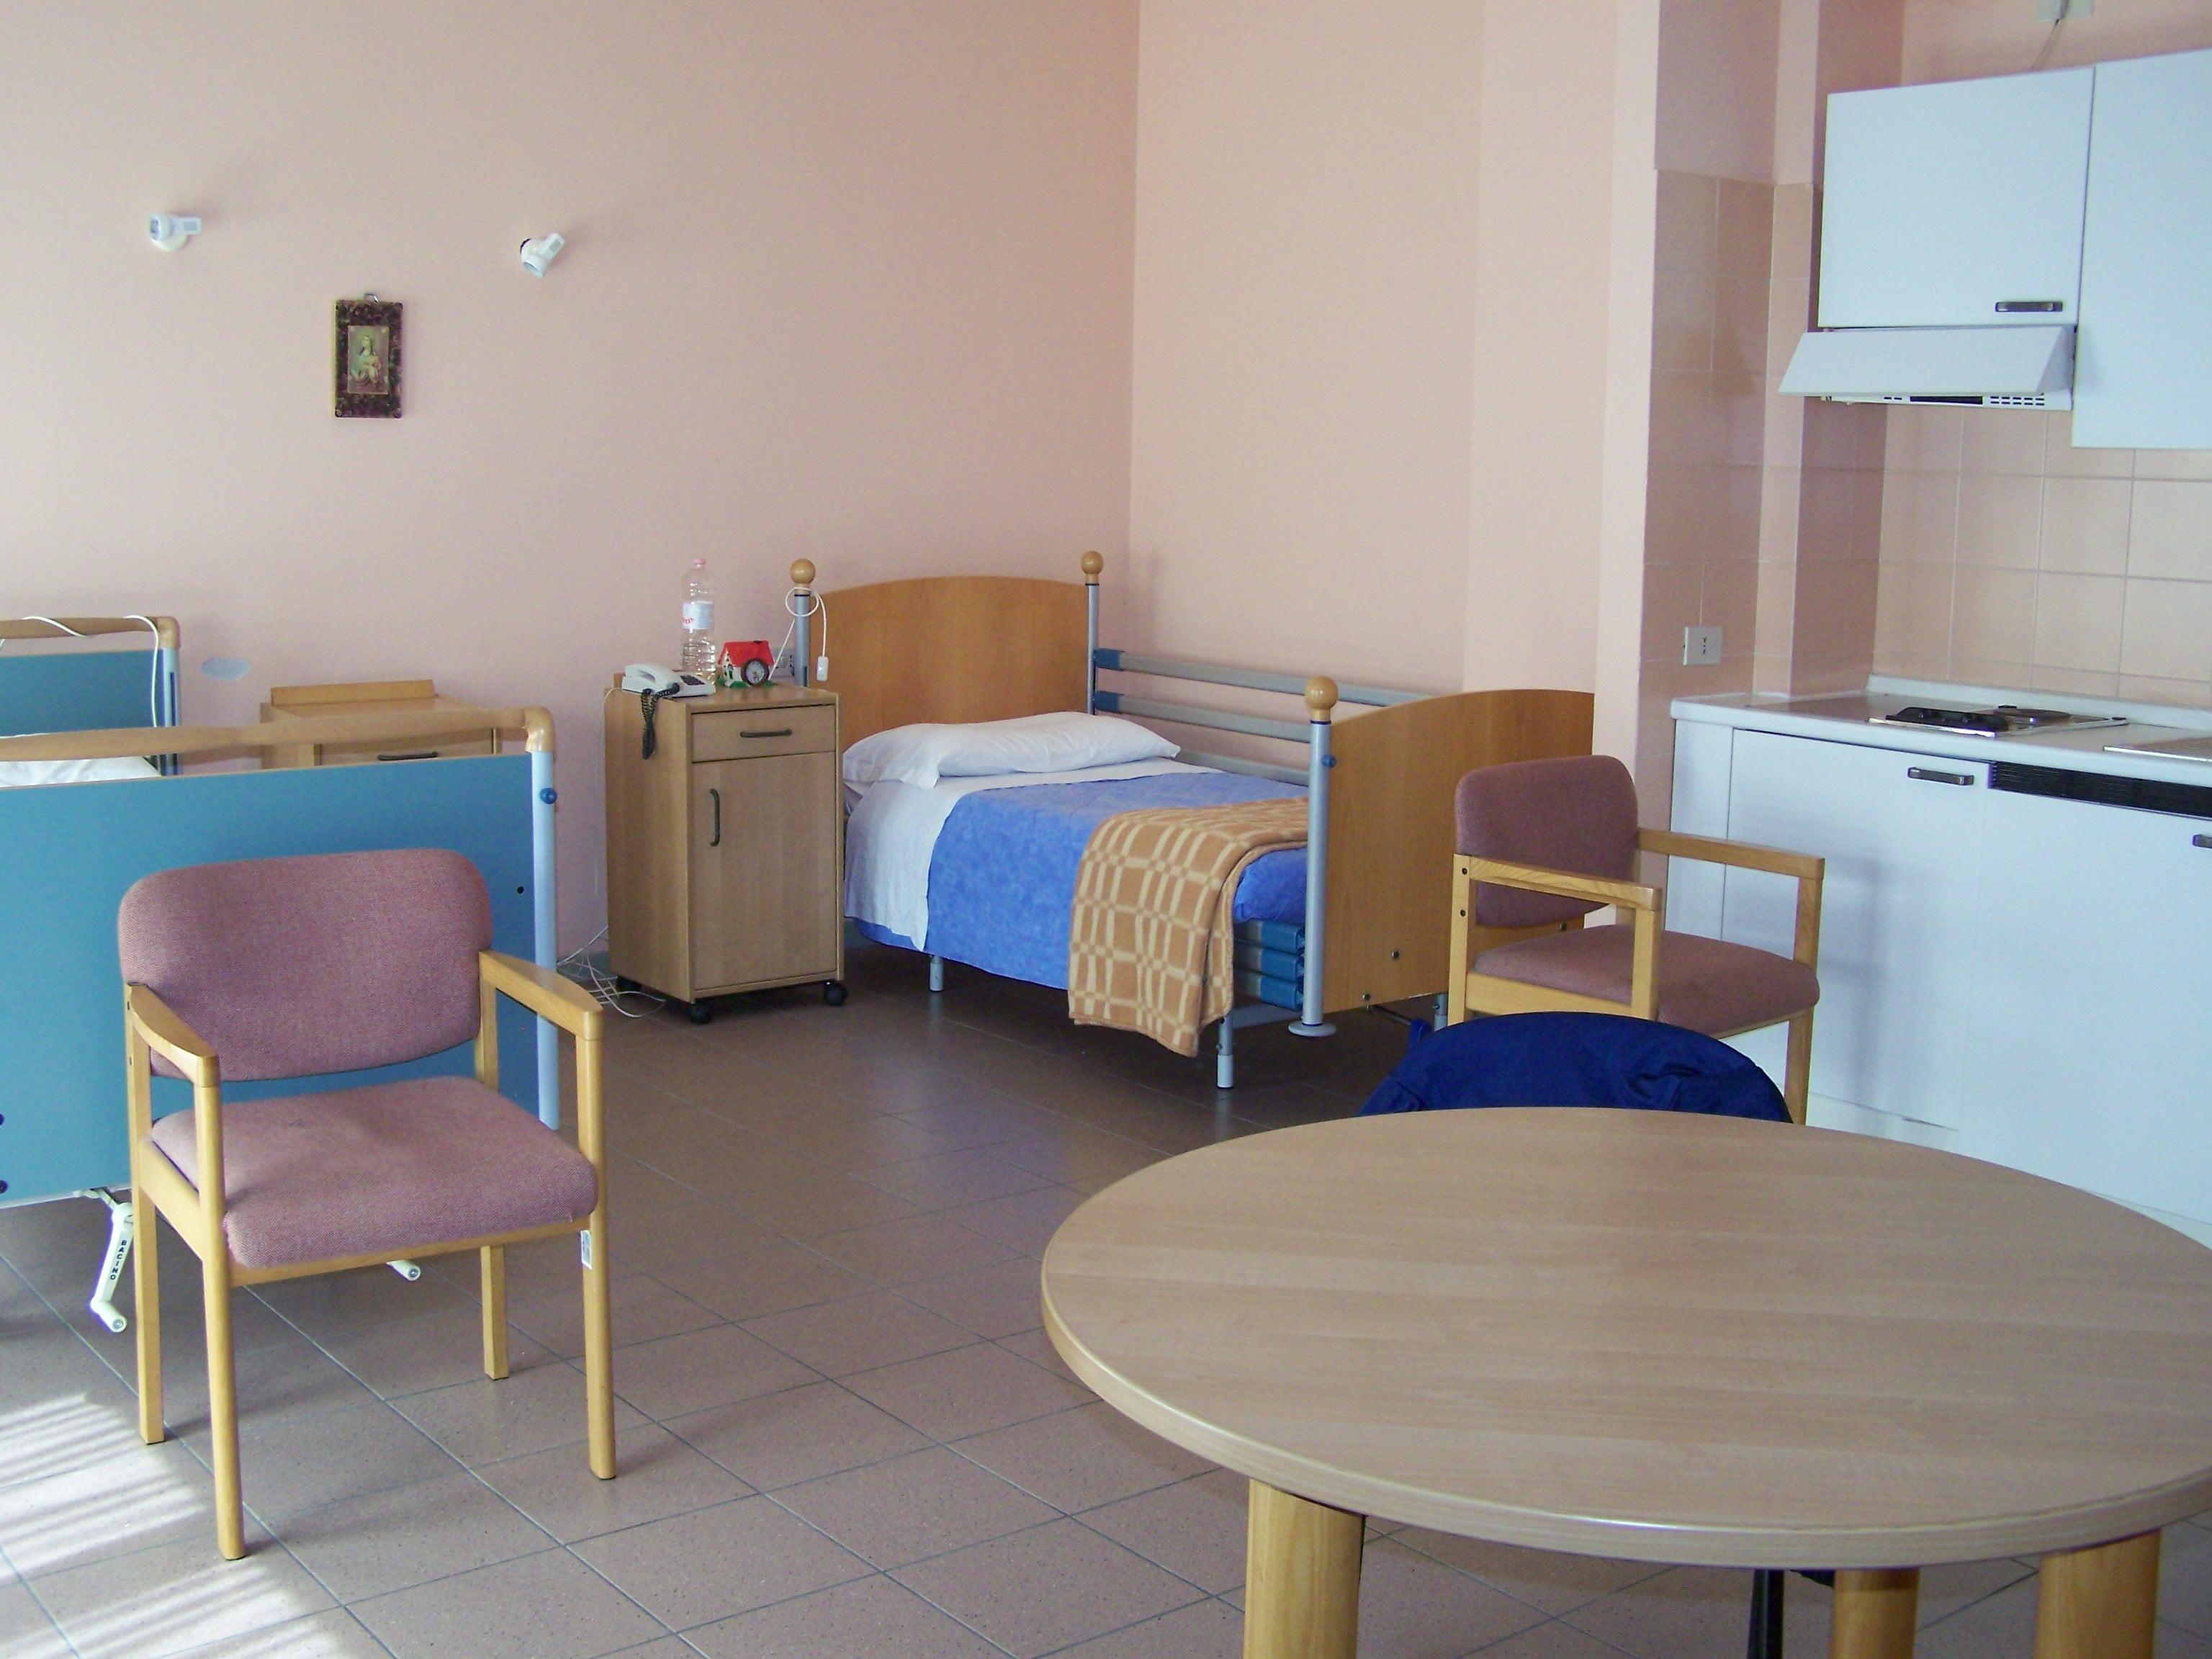 Ex ospedale di todi casa albergo per single ed anziani for Casa per single